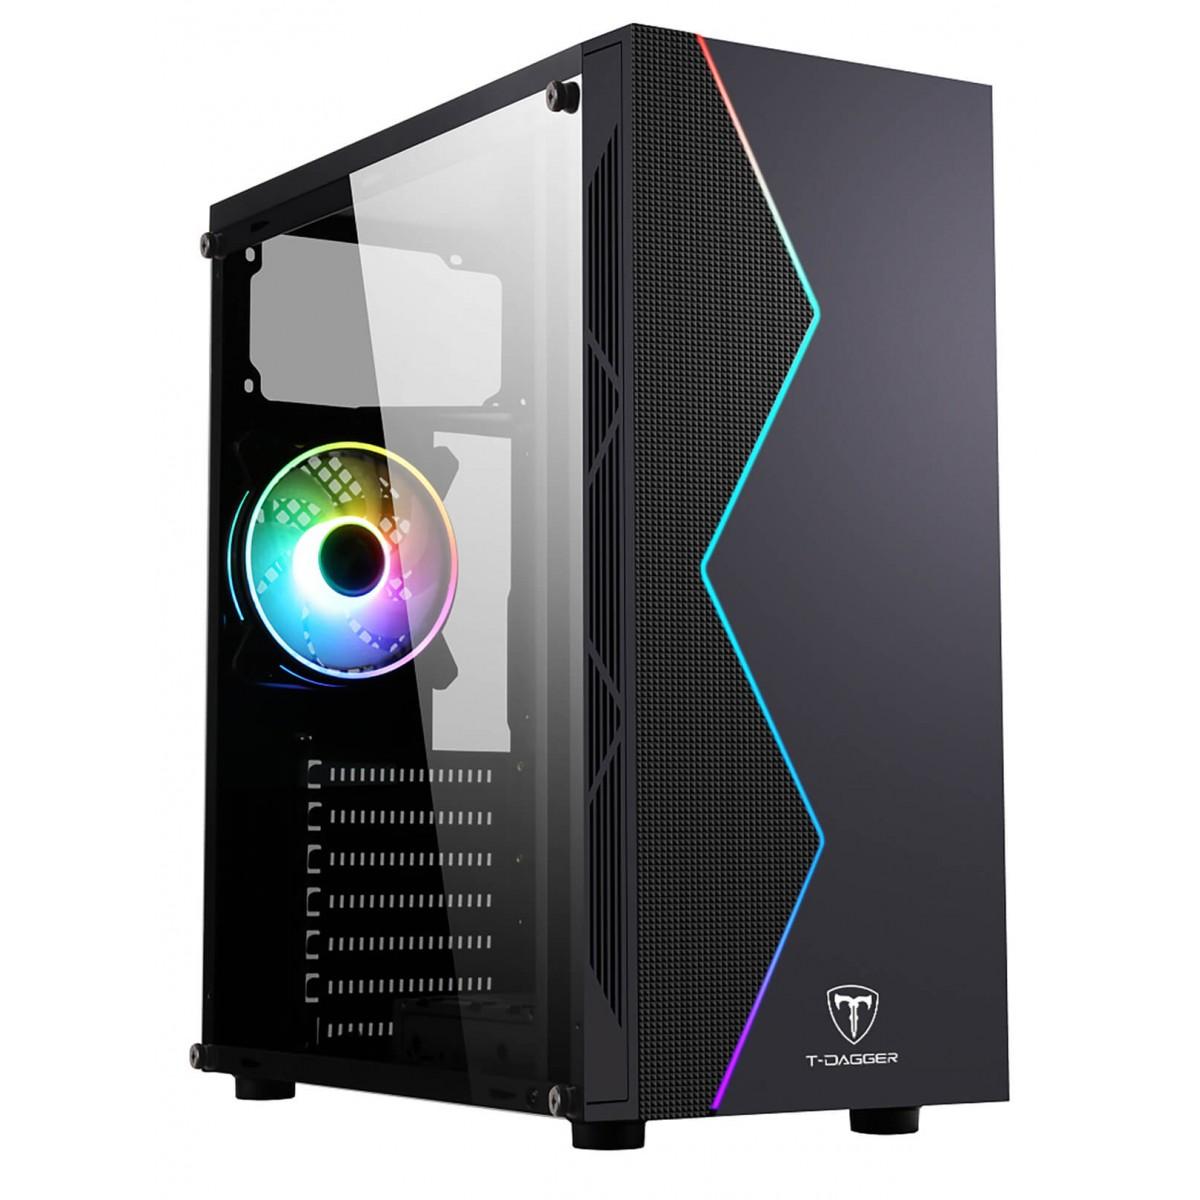 Computador Gamer, Intel Core i3-9100F, Placa de Vídeo GTX-1050TI 4GB, 8GB DDR4, SSD 256GB